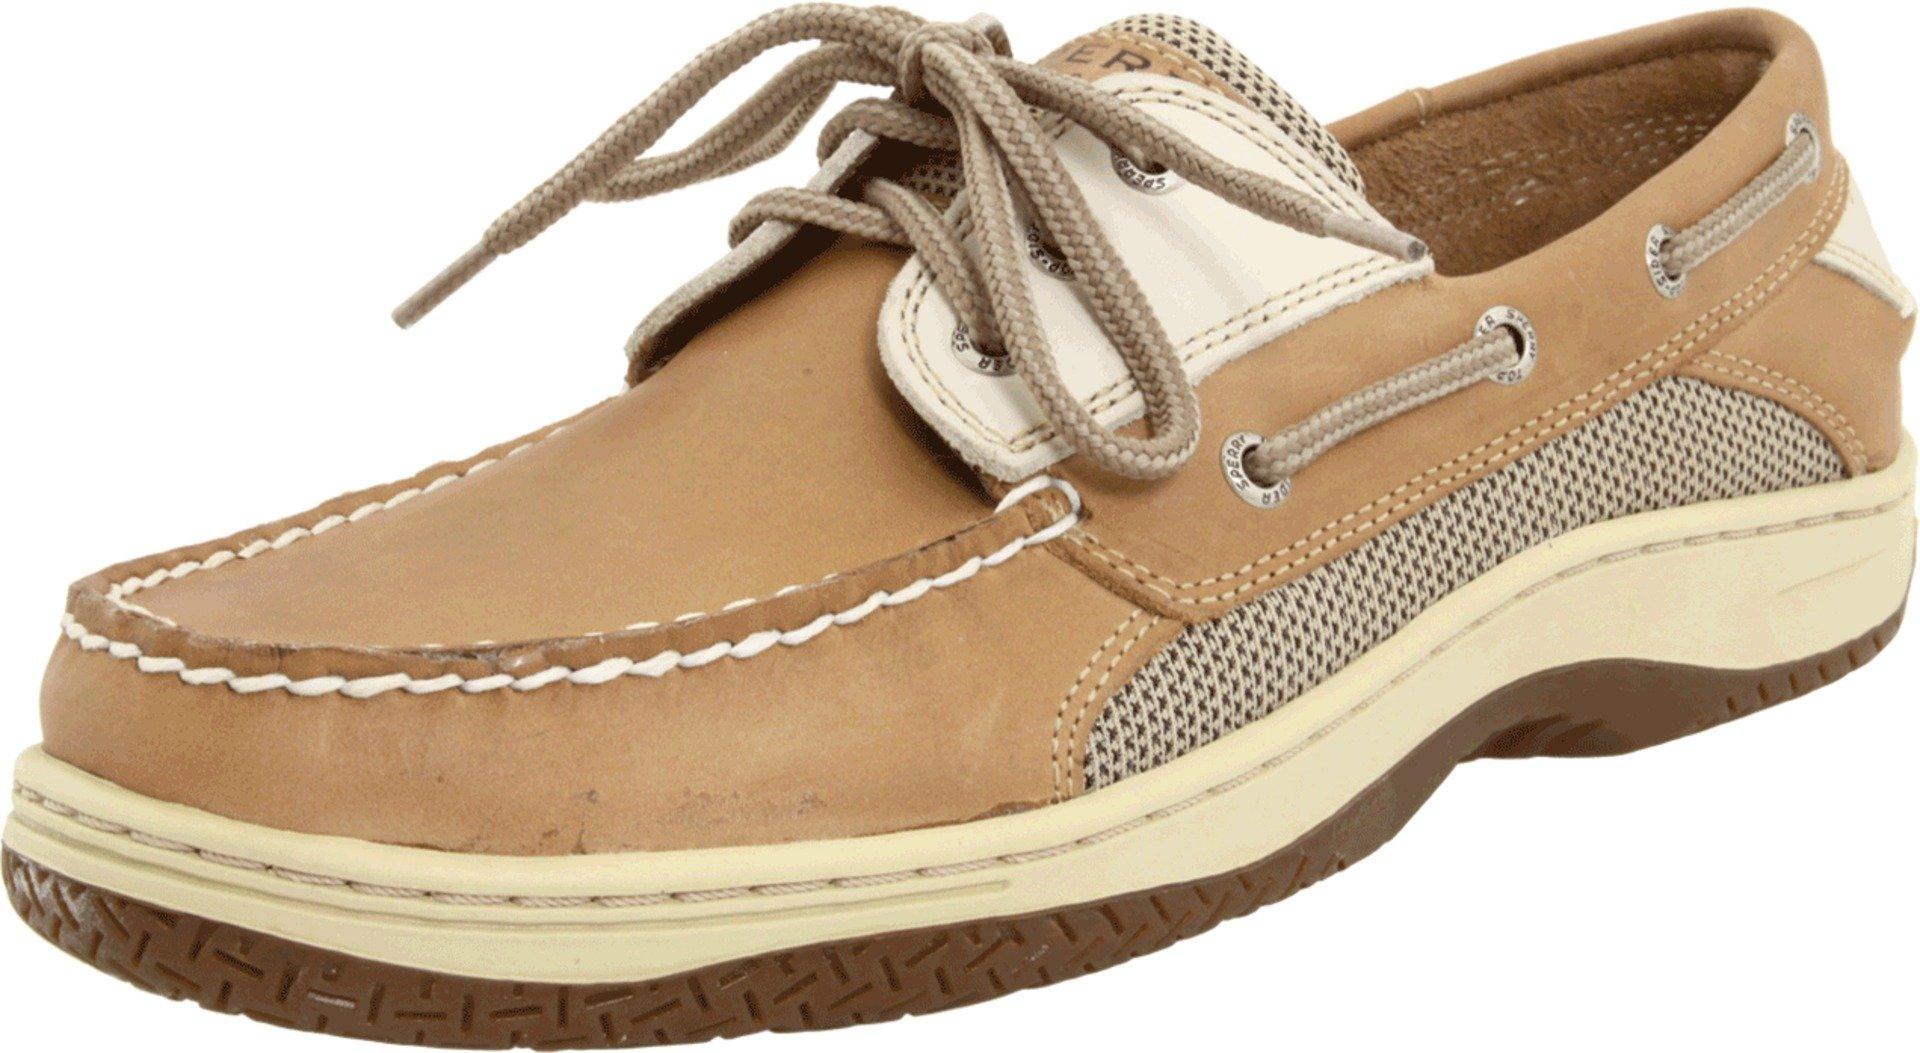 Sperry Mens Billfish 3-Eye Boat Shoe, Tan/Beige, 9.5 Wide by SPERRY